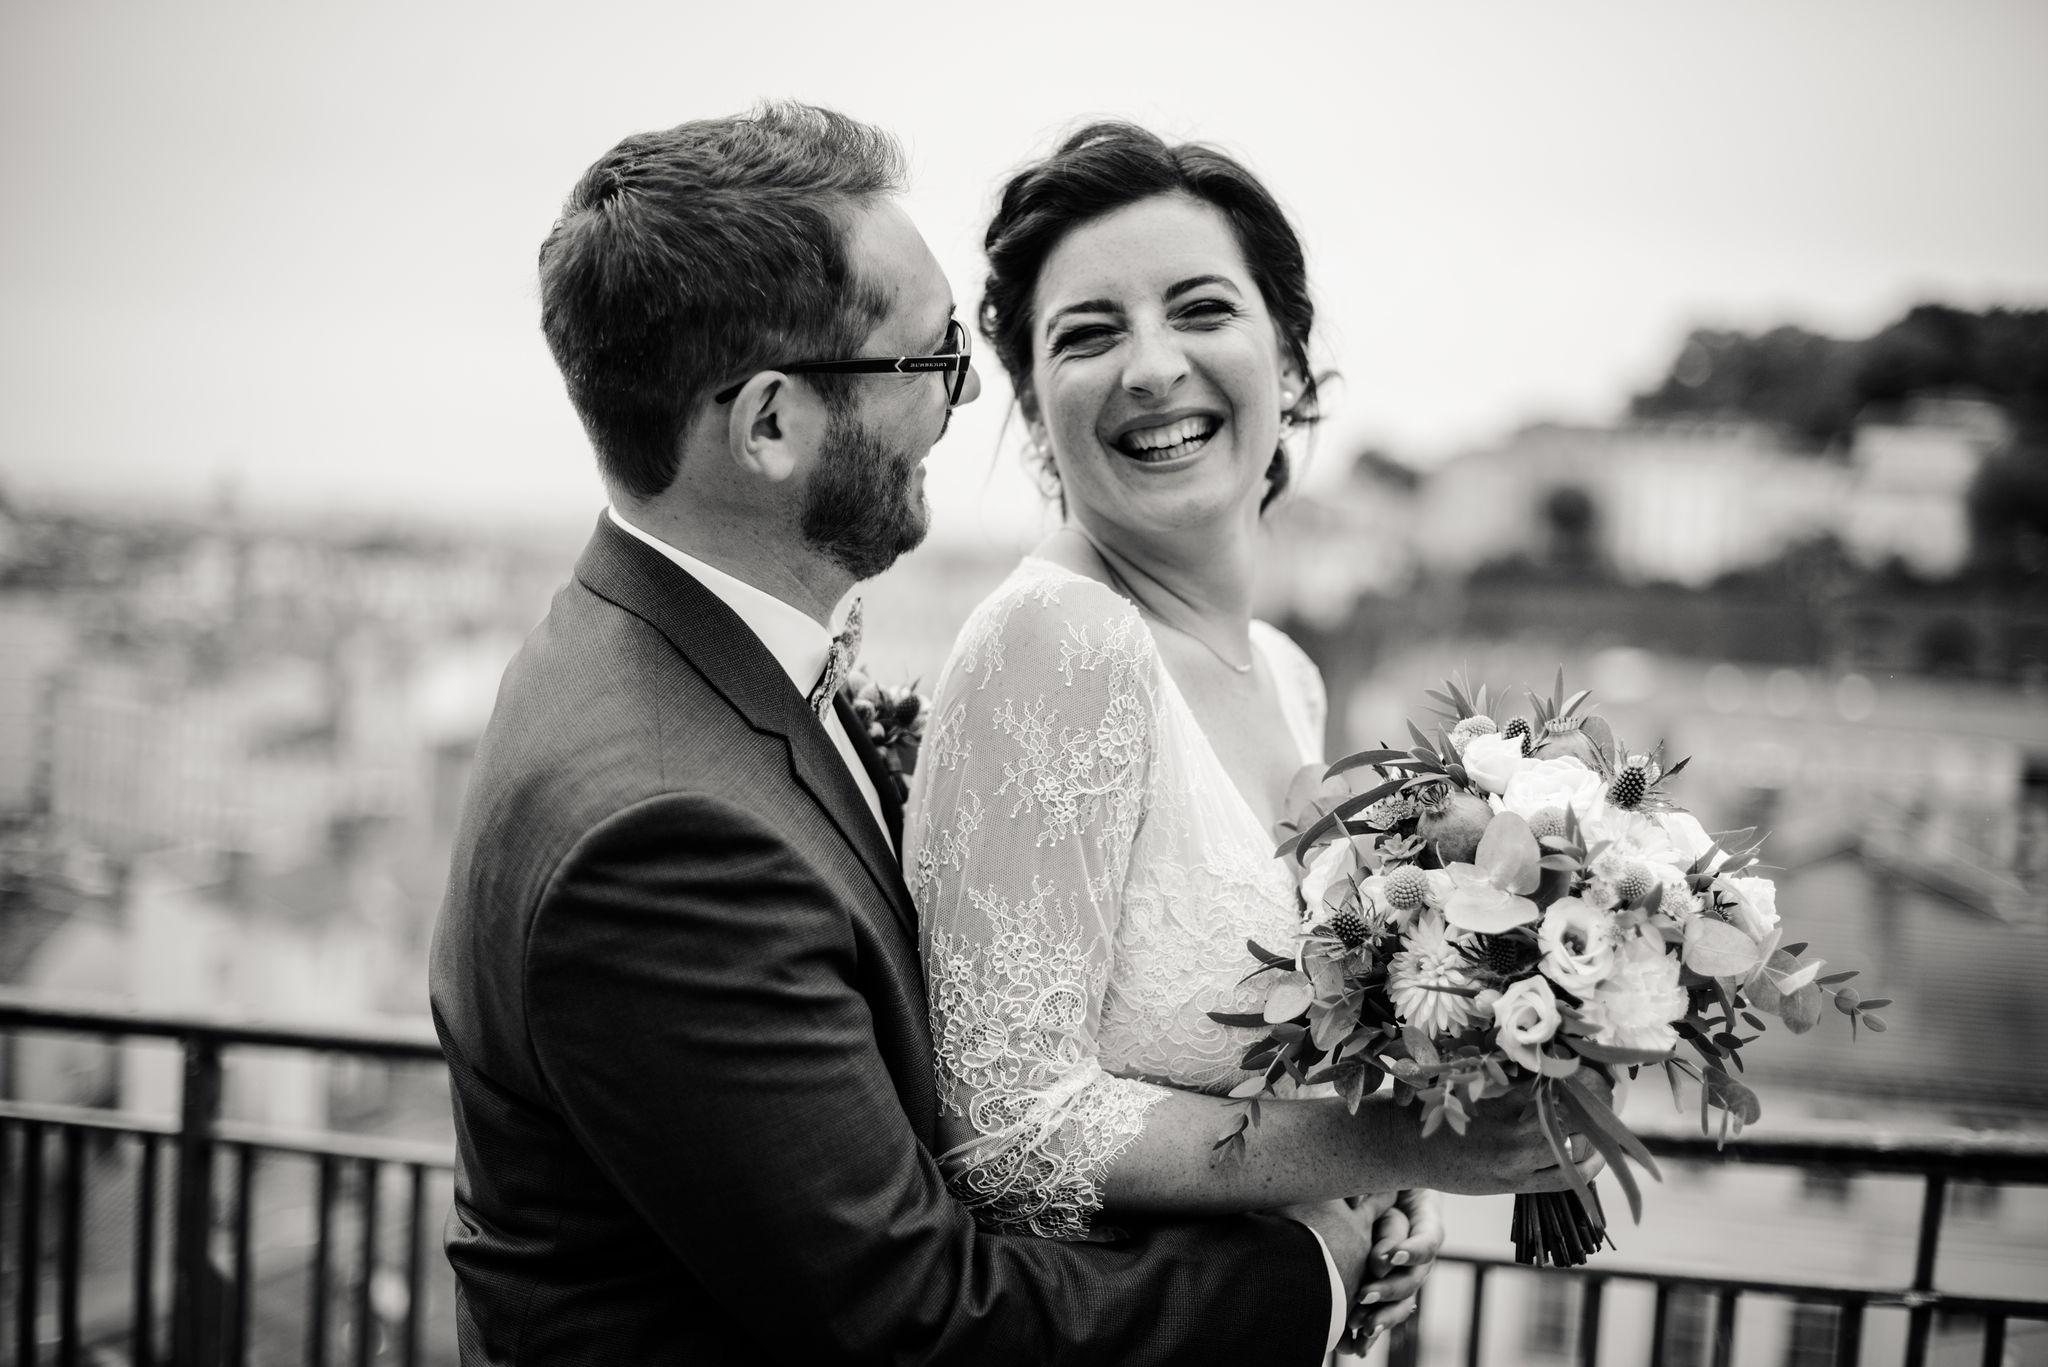 Léa-Fery-photographe-professionnel-lyon-rhone-alpes-portrait-creation-mariage-evenement-evenementiel-famille-6163.jpg